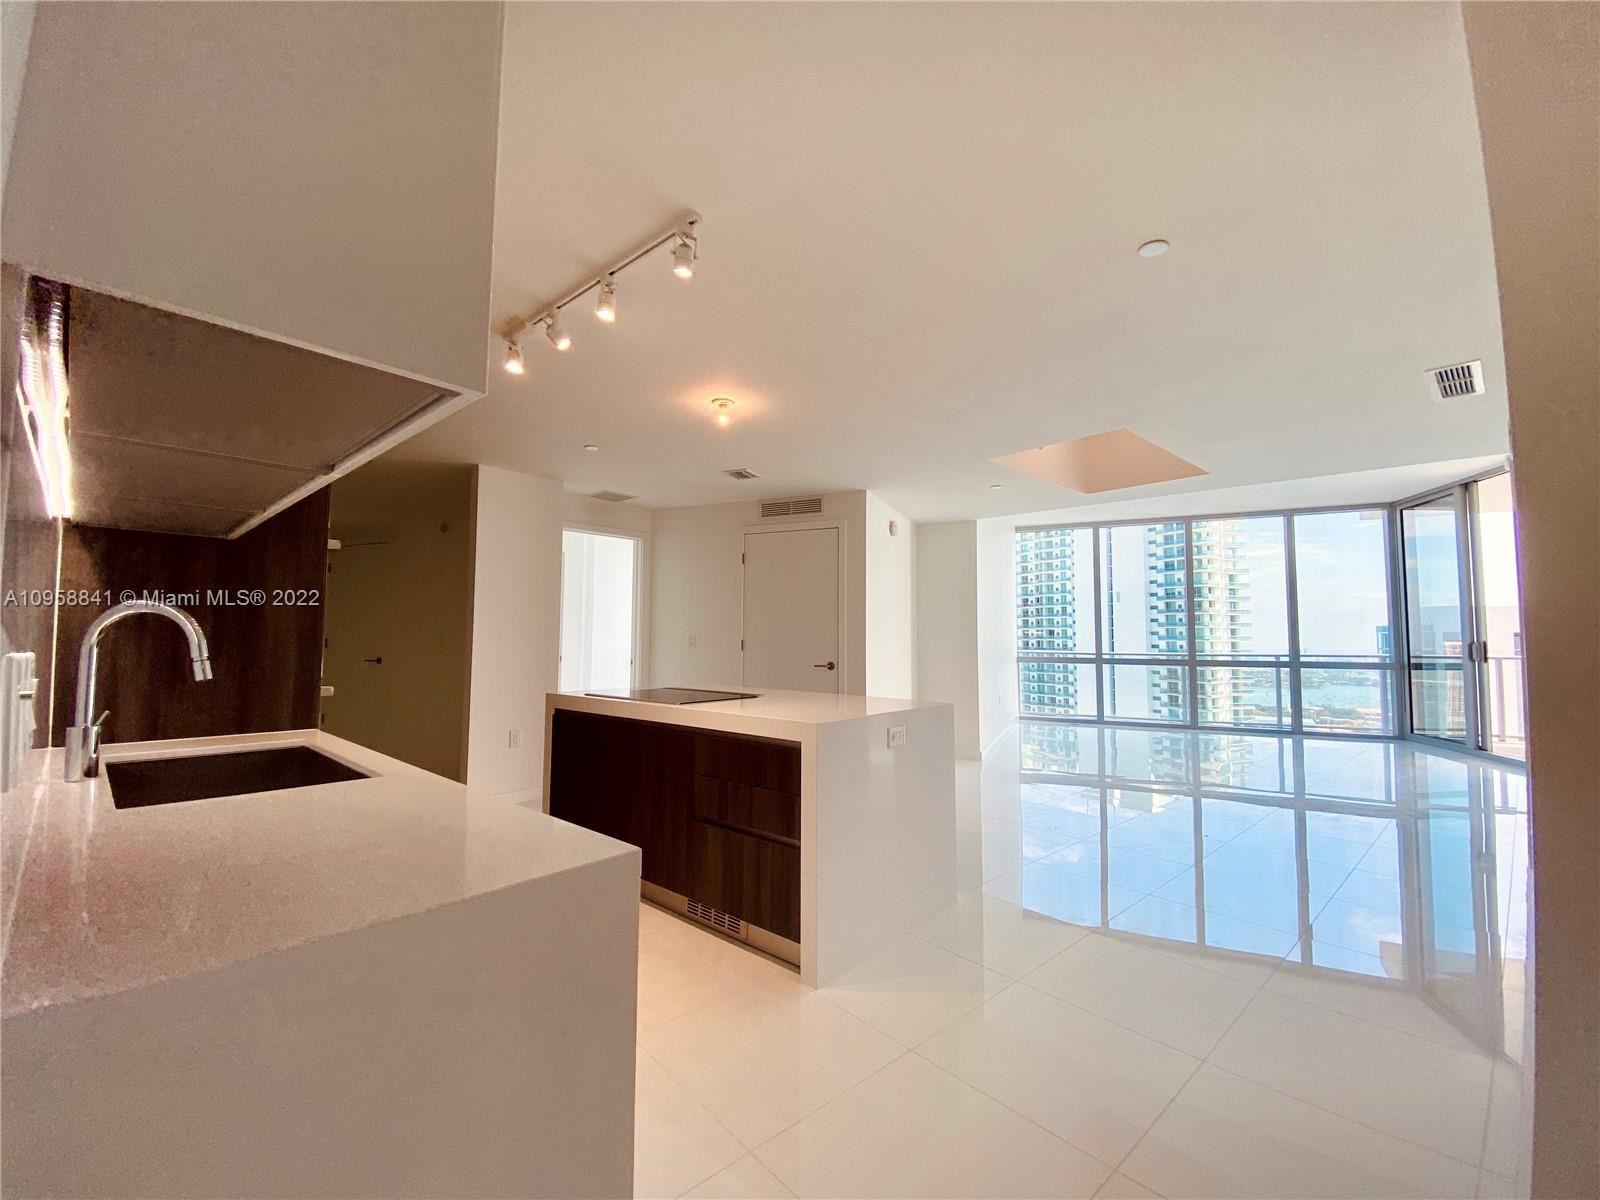 851 NE 1st Ave #4603, Miami, FL 33132 - #: A10958841